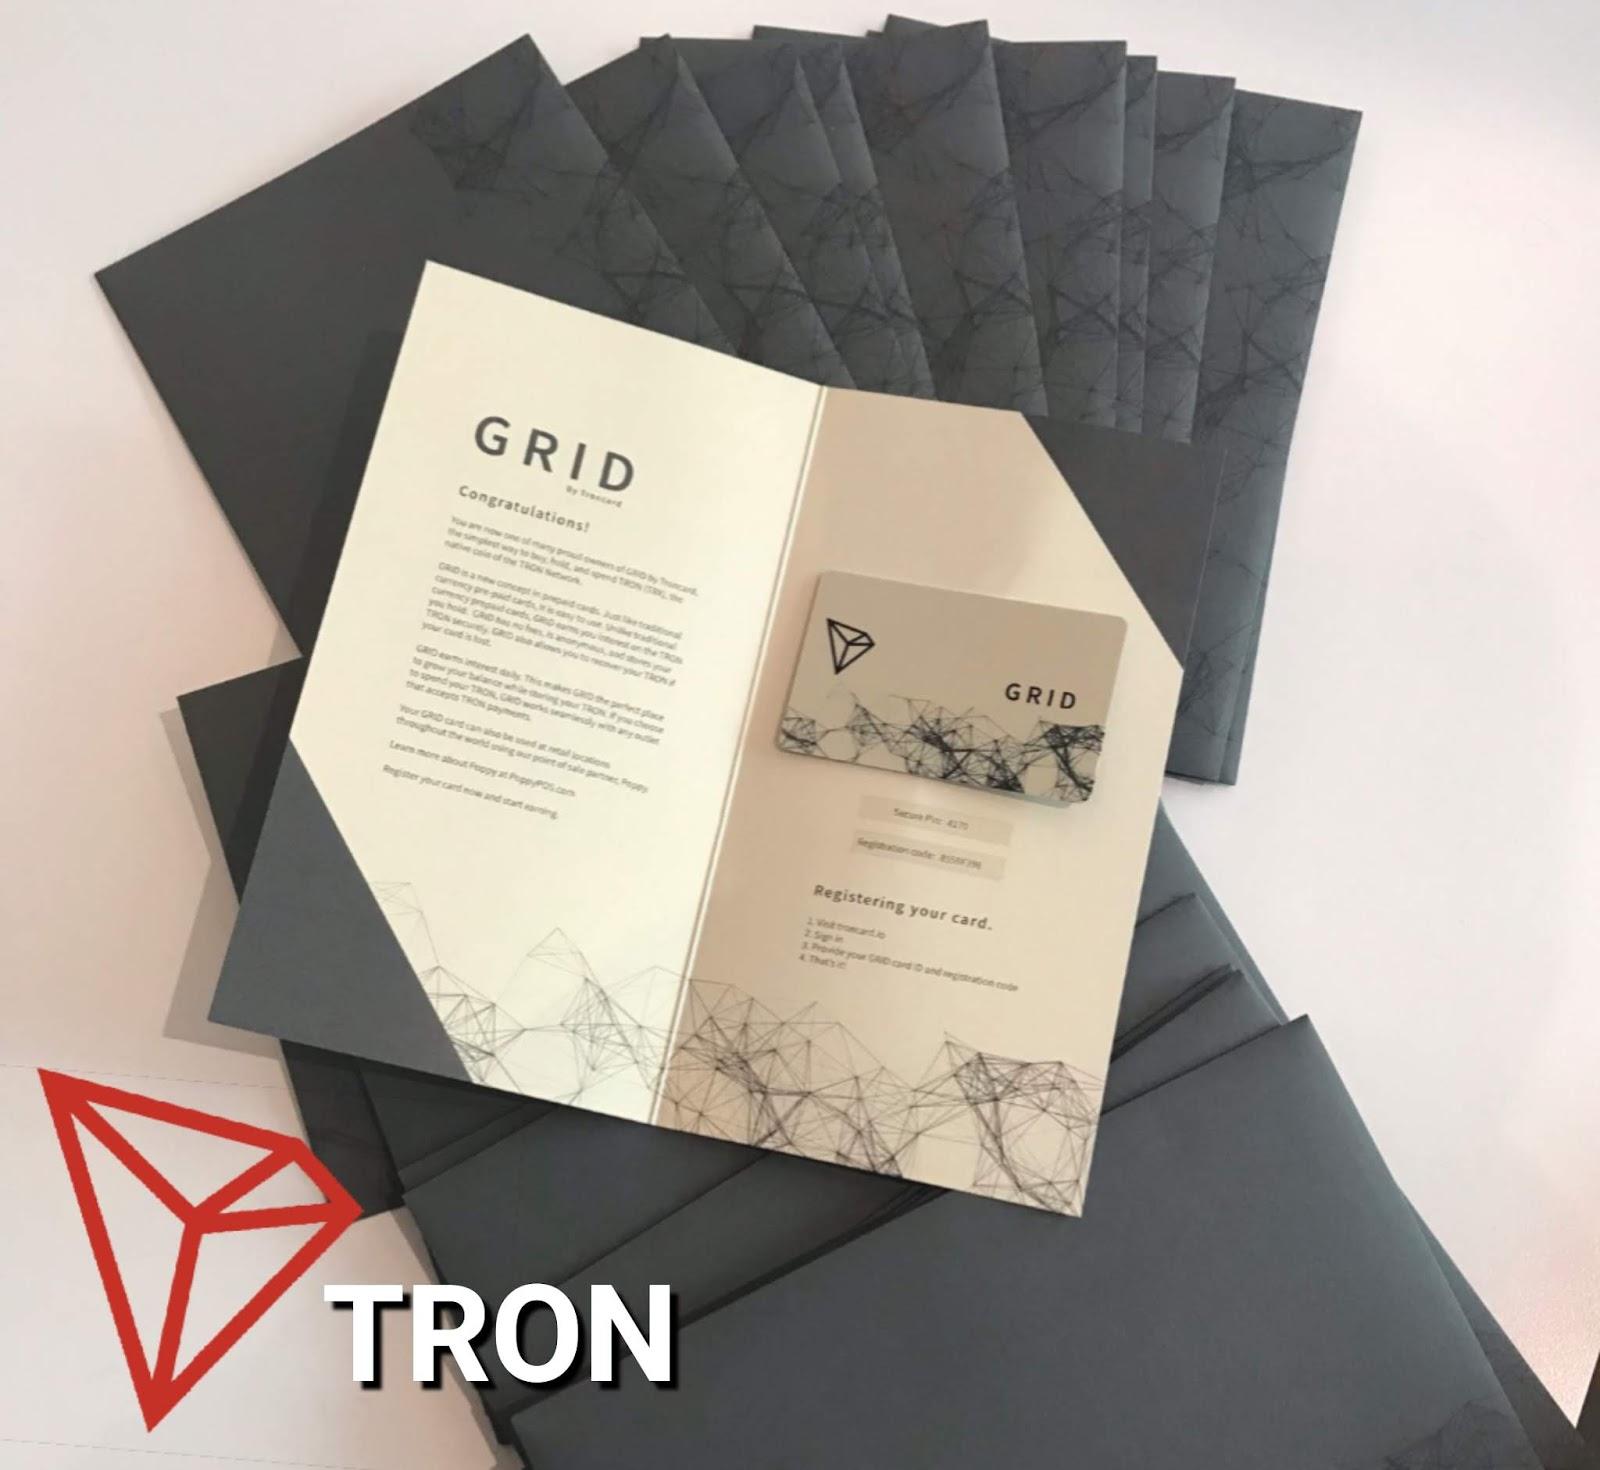 berita cryptocurrency terbaru, berita blockchain terbaru, berita altcoin terbaru, perkembangan mata uang digital di indonesia, apa itu troncard, pembayaran cryptocurrency,